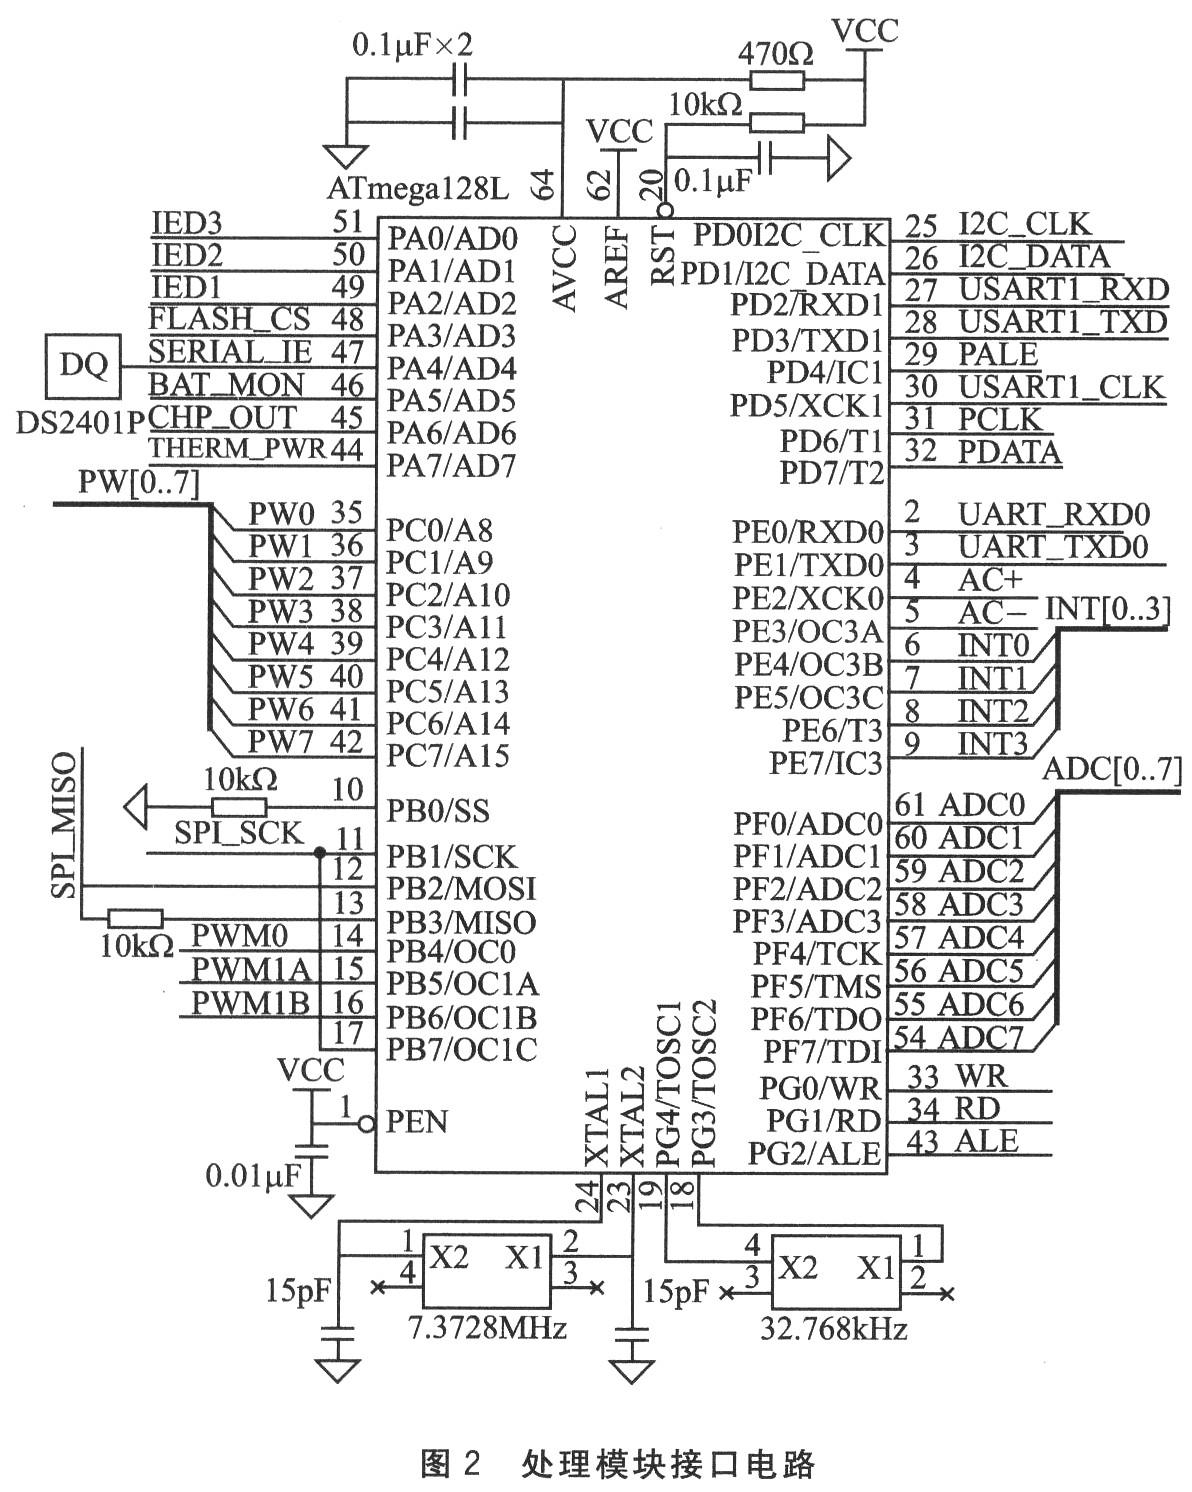 802.15.4标准的射频收发器。该器件包括众多额外功能,是第一款适用于ZigBee产品的RF器件。它基于Chipcon公司的SmartRF03 技术,以0.18 m CMOS工艺制成,只需极少外部器件,性能稳定且功耗极低;具有工作电压低(2.1~3.6 V均可工作)、能耗低、体积小等非常适合于集成的特点;采用QPSK调制方式,最大收发波特率250 kb/s,外部采用SPI的接口,可以直接和微处理器芯片ATmega128L相连接。传输模块接口电路如图3所示。  2.3 传感器模块设计 传感器模块采用的是数